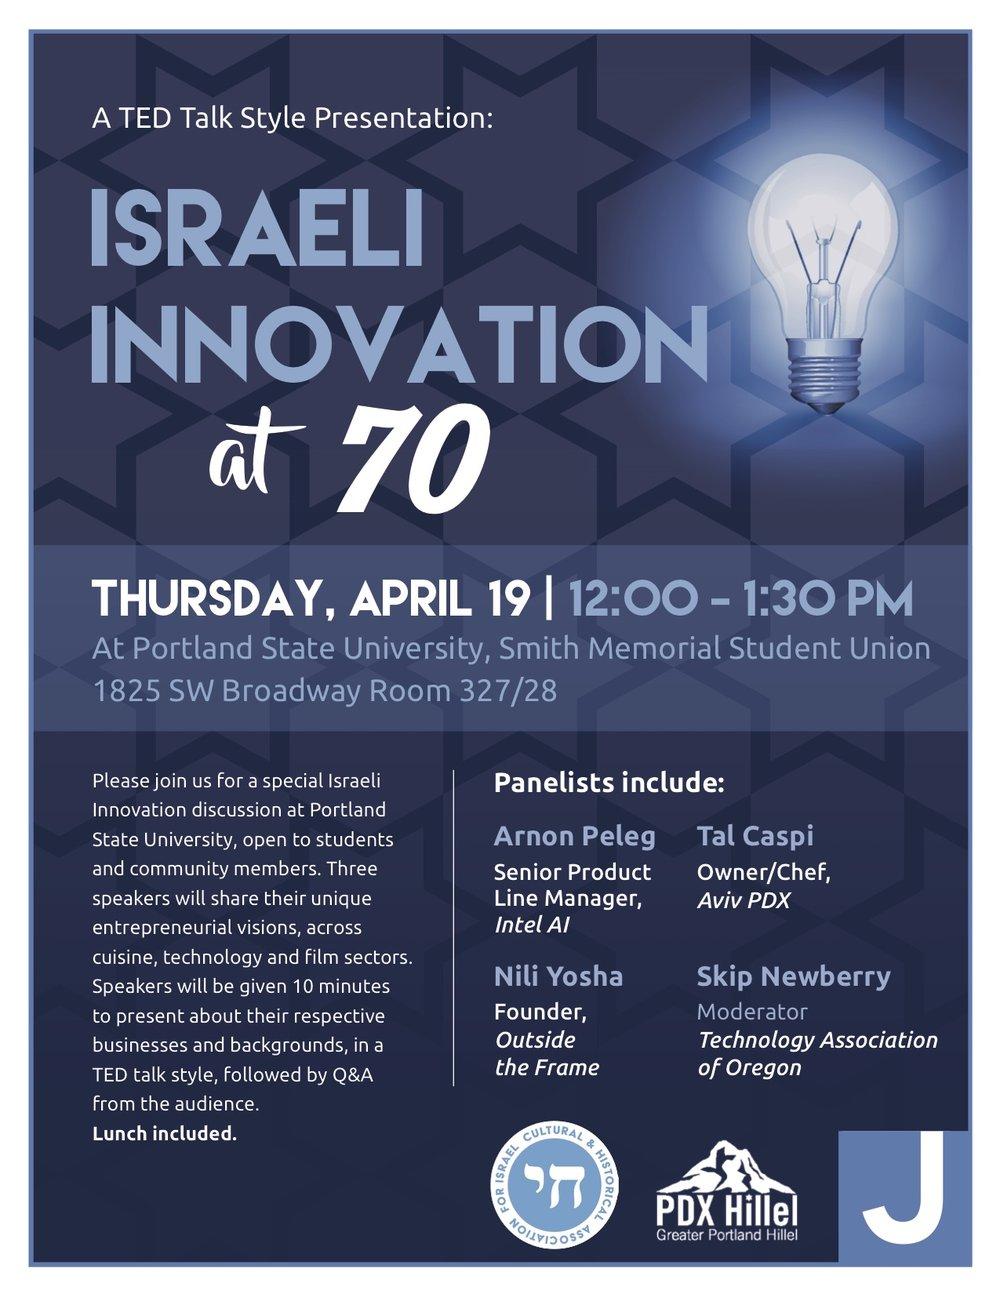 Israel Innovation Updated (1).jpg